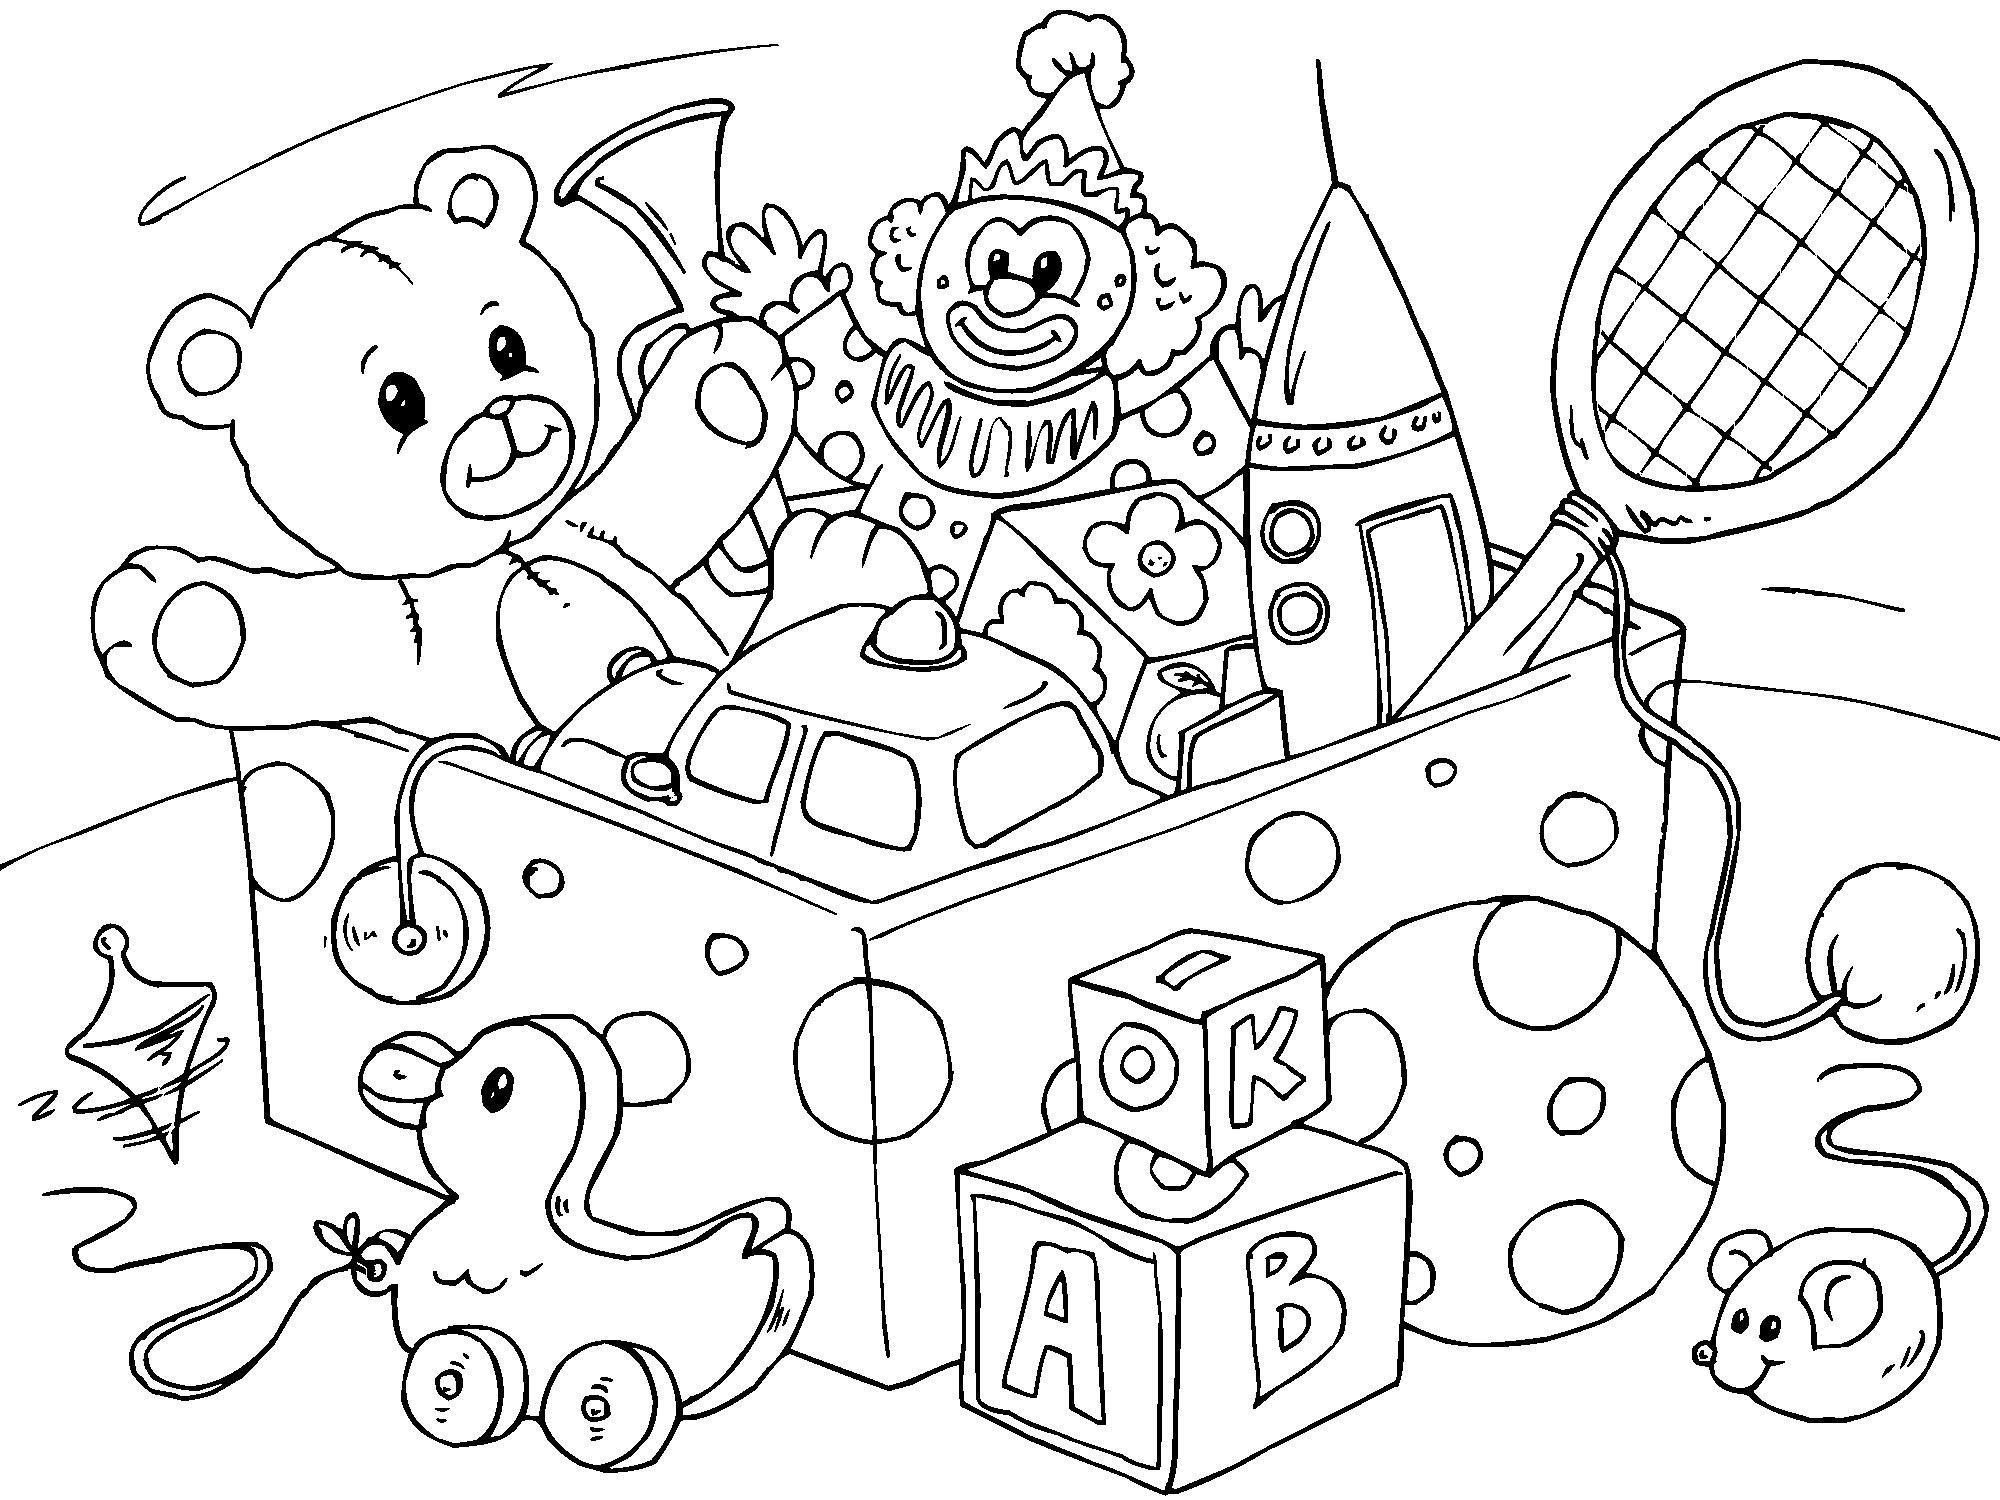 Juguetes Para Colorear Pintar E Imprimir: Dibujo Para Colorear Juguetes